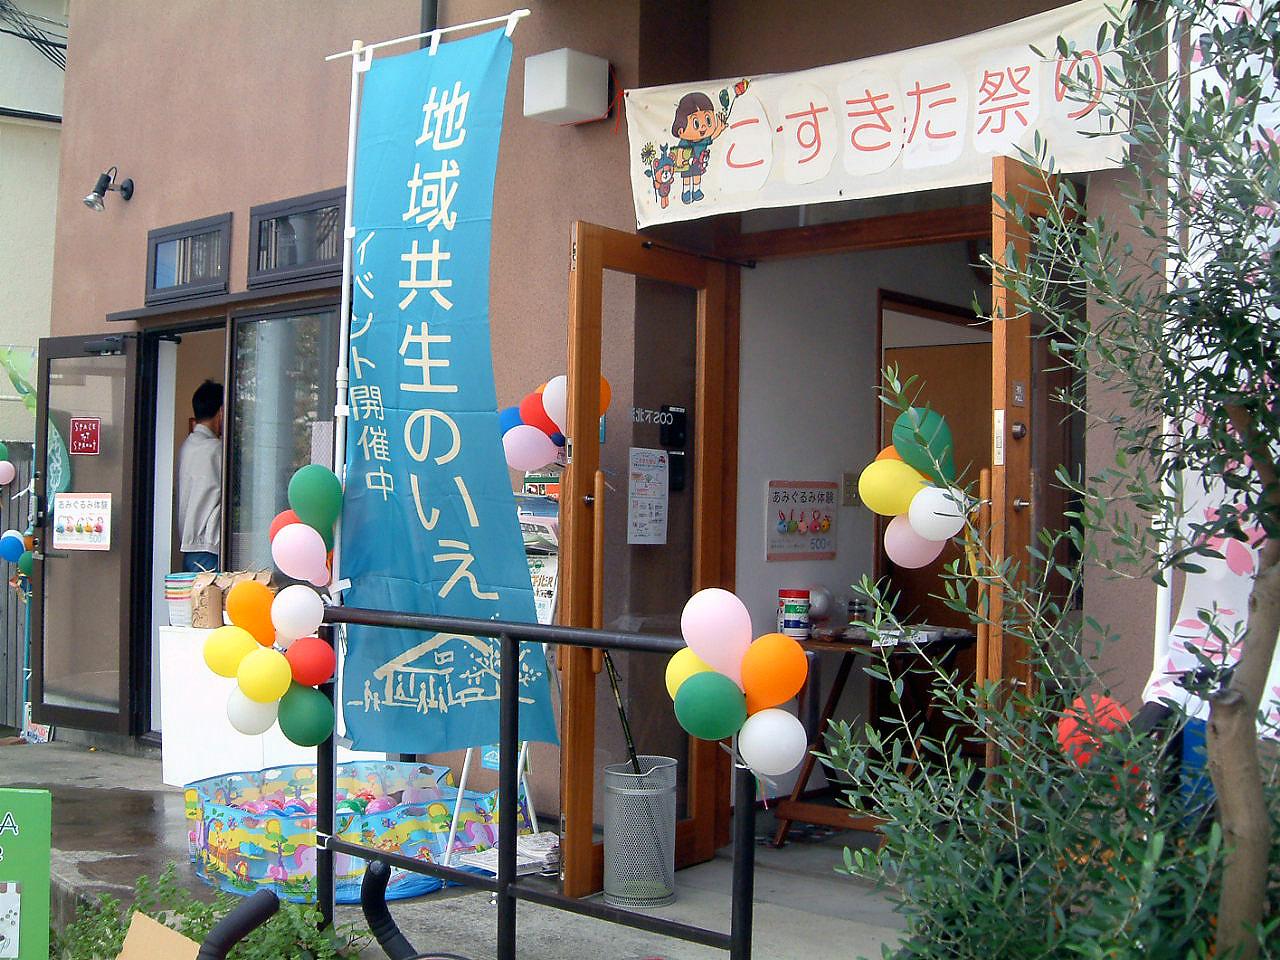 2013 こすきた祭り記念正面